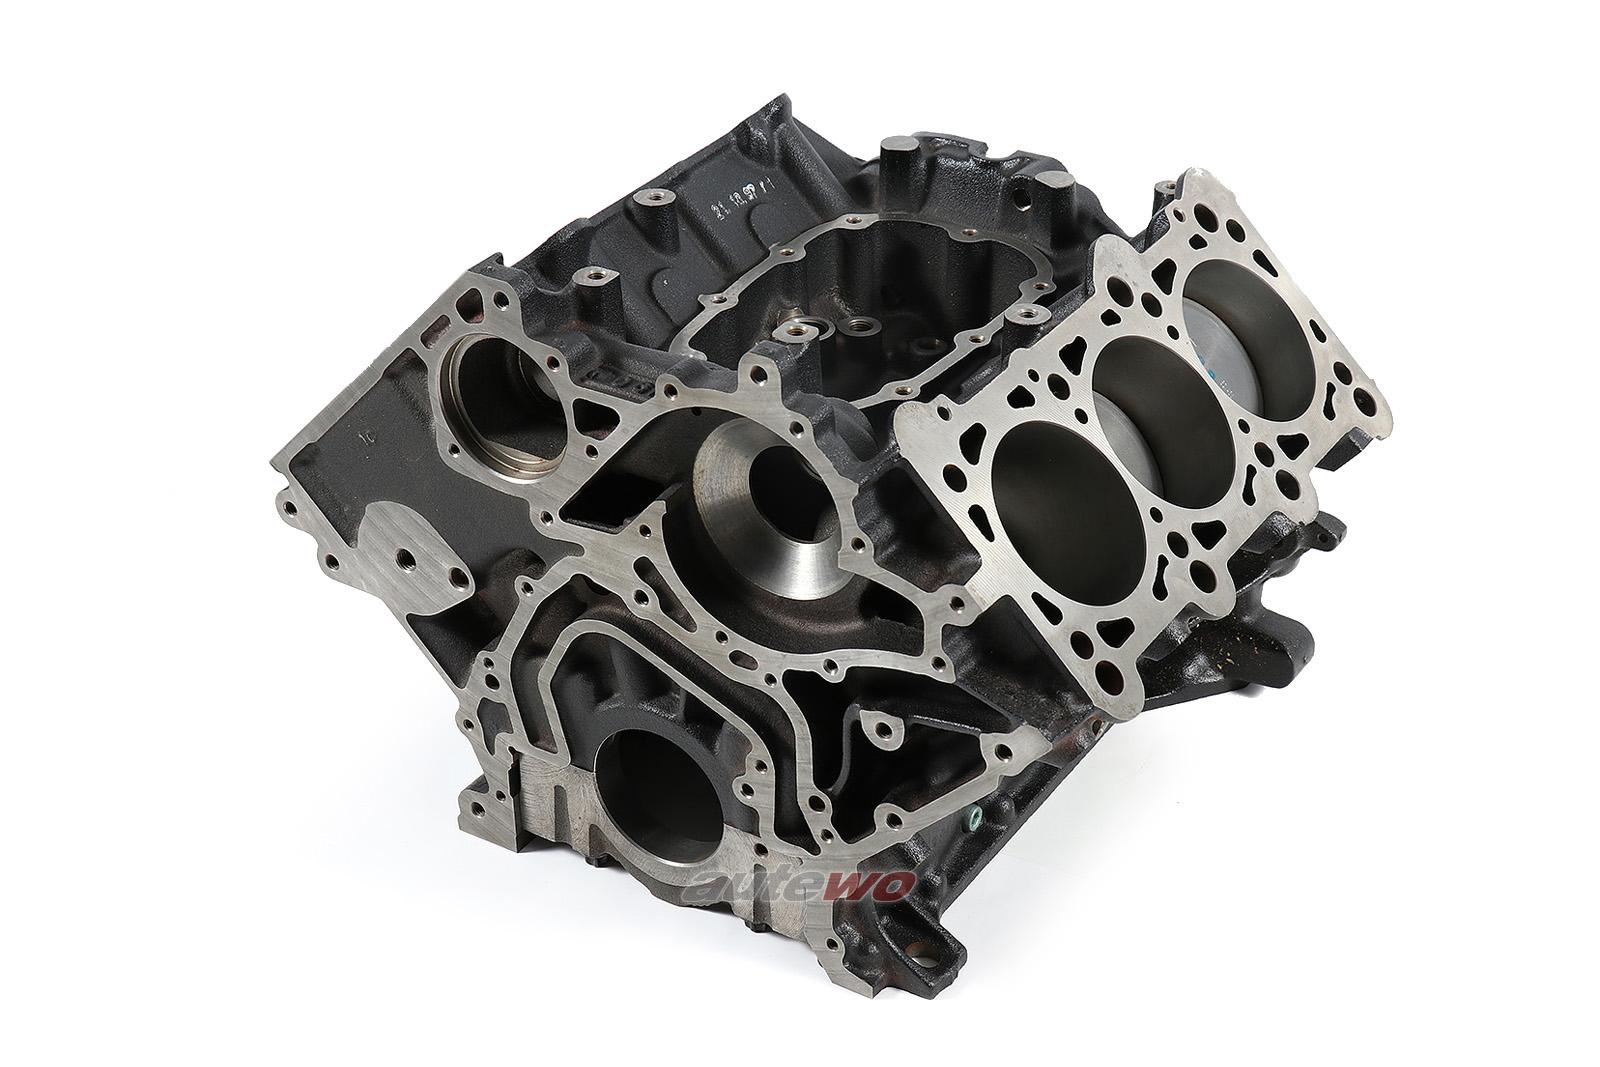 078103021AE NEU Audi/VW A4/A6/A8 6 Zylinder ACK/ALG Motorblock + Kolben